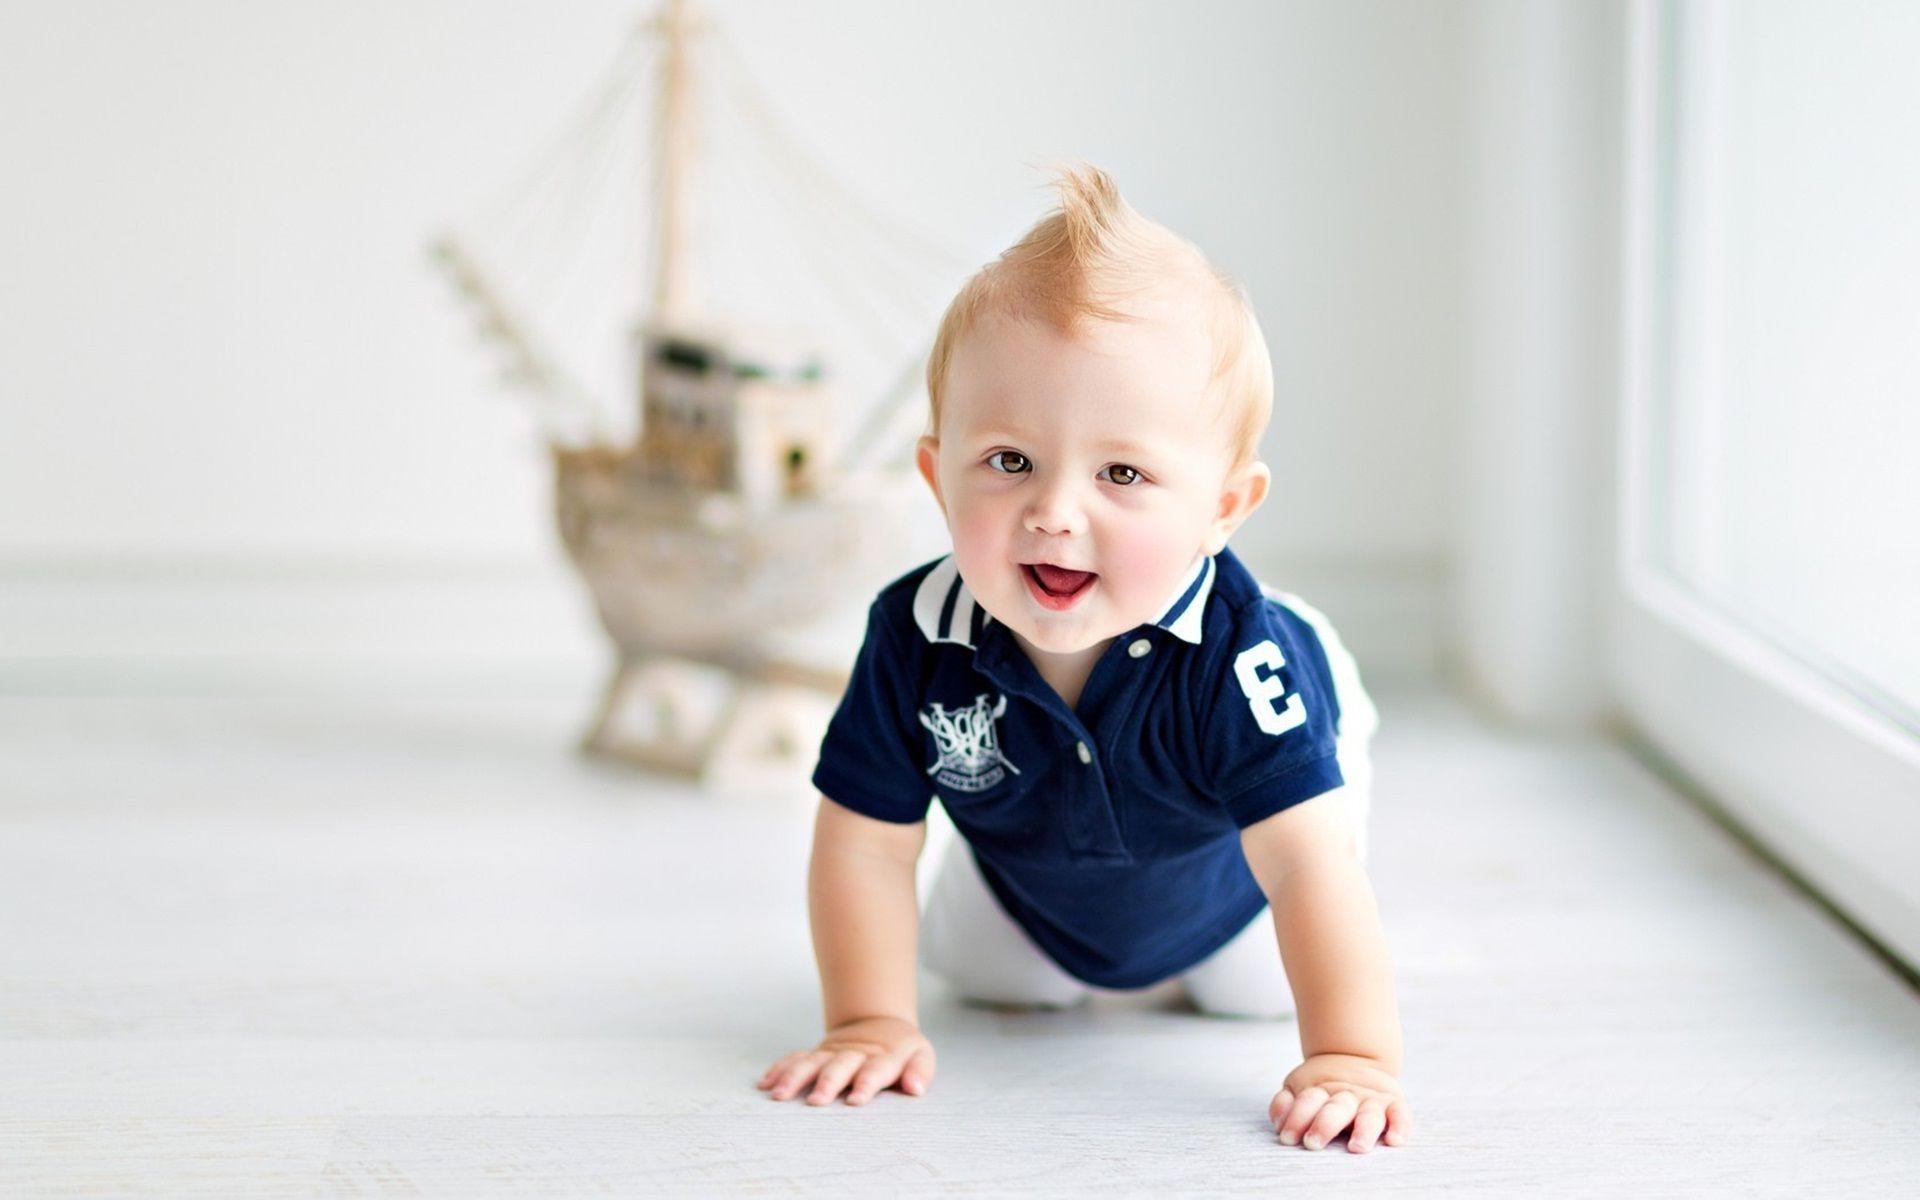 Image of: Sweet Nice Cute Baby Nice Hair Style Hd Pics 123rfcom Nice Cute Baby Nice Hair Style Hd Pics Cute Babies Pinterest